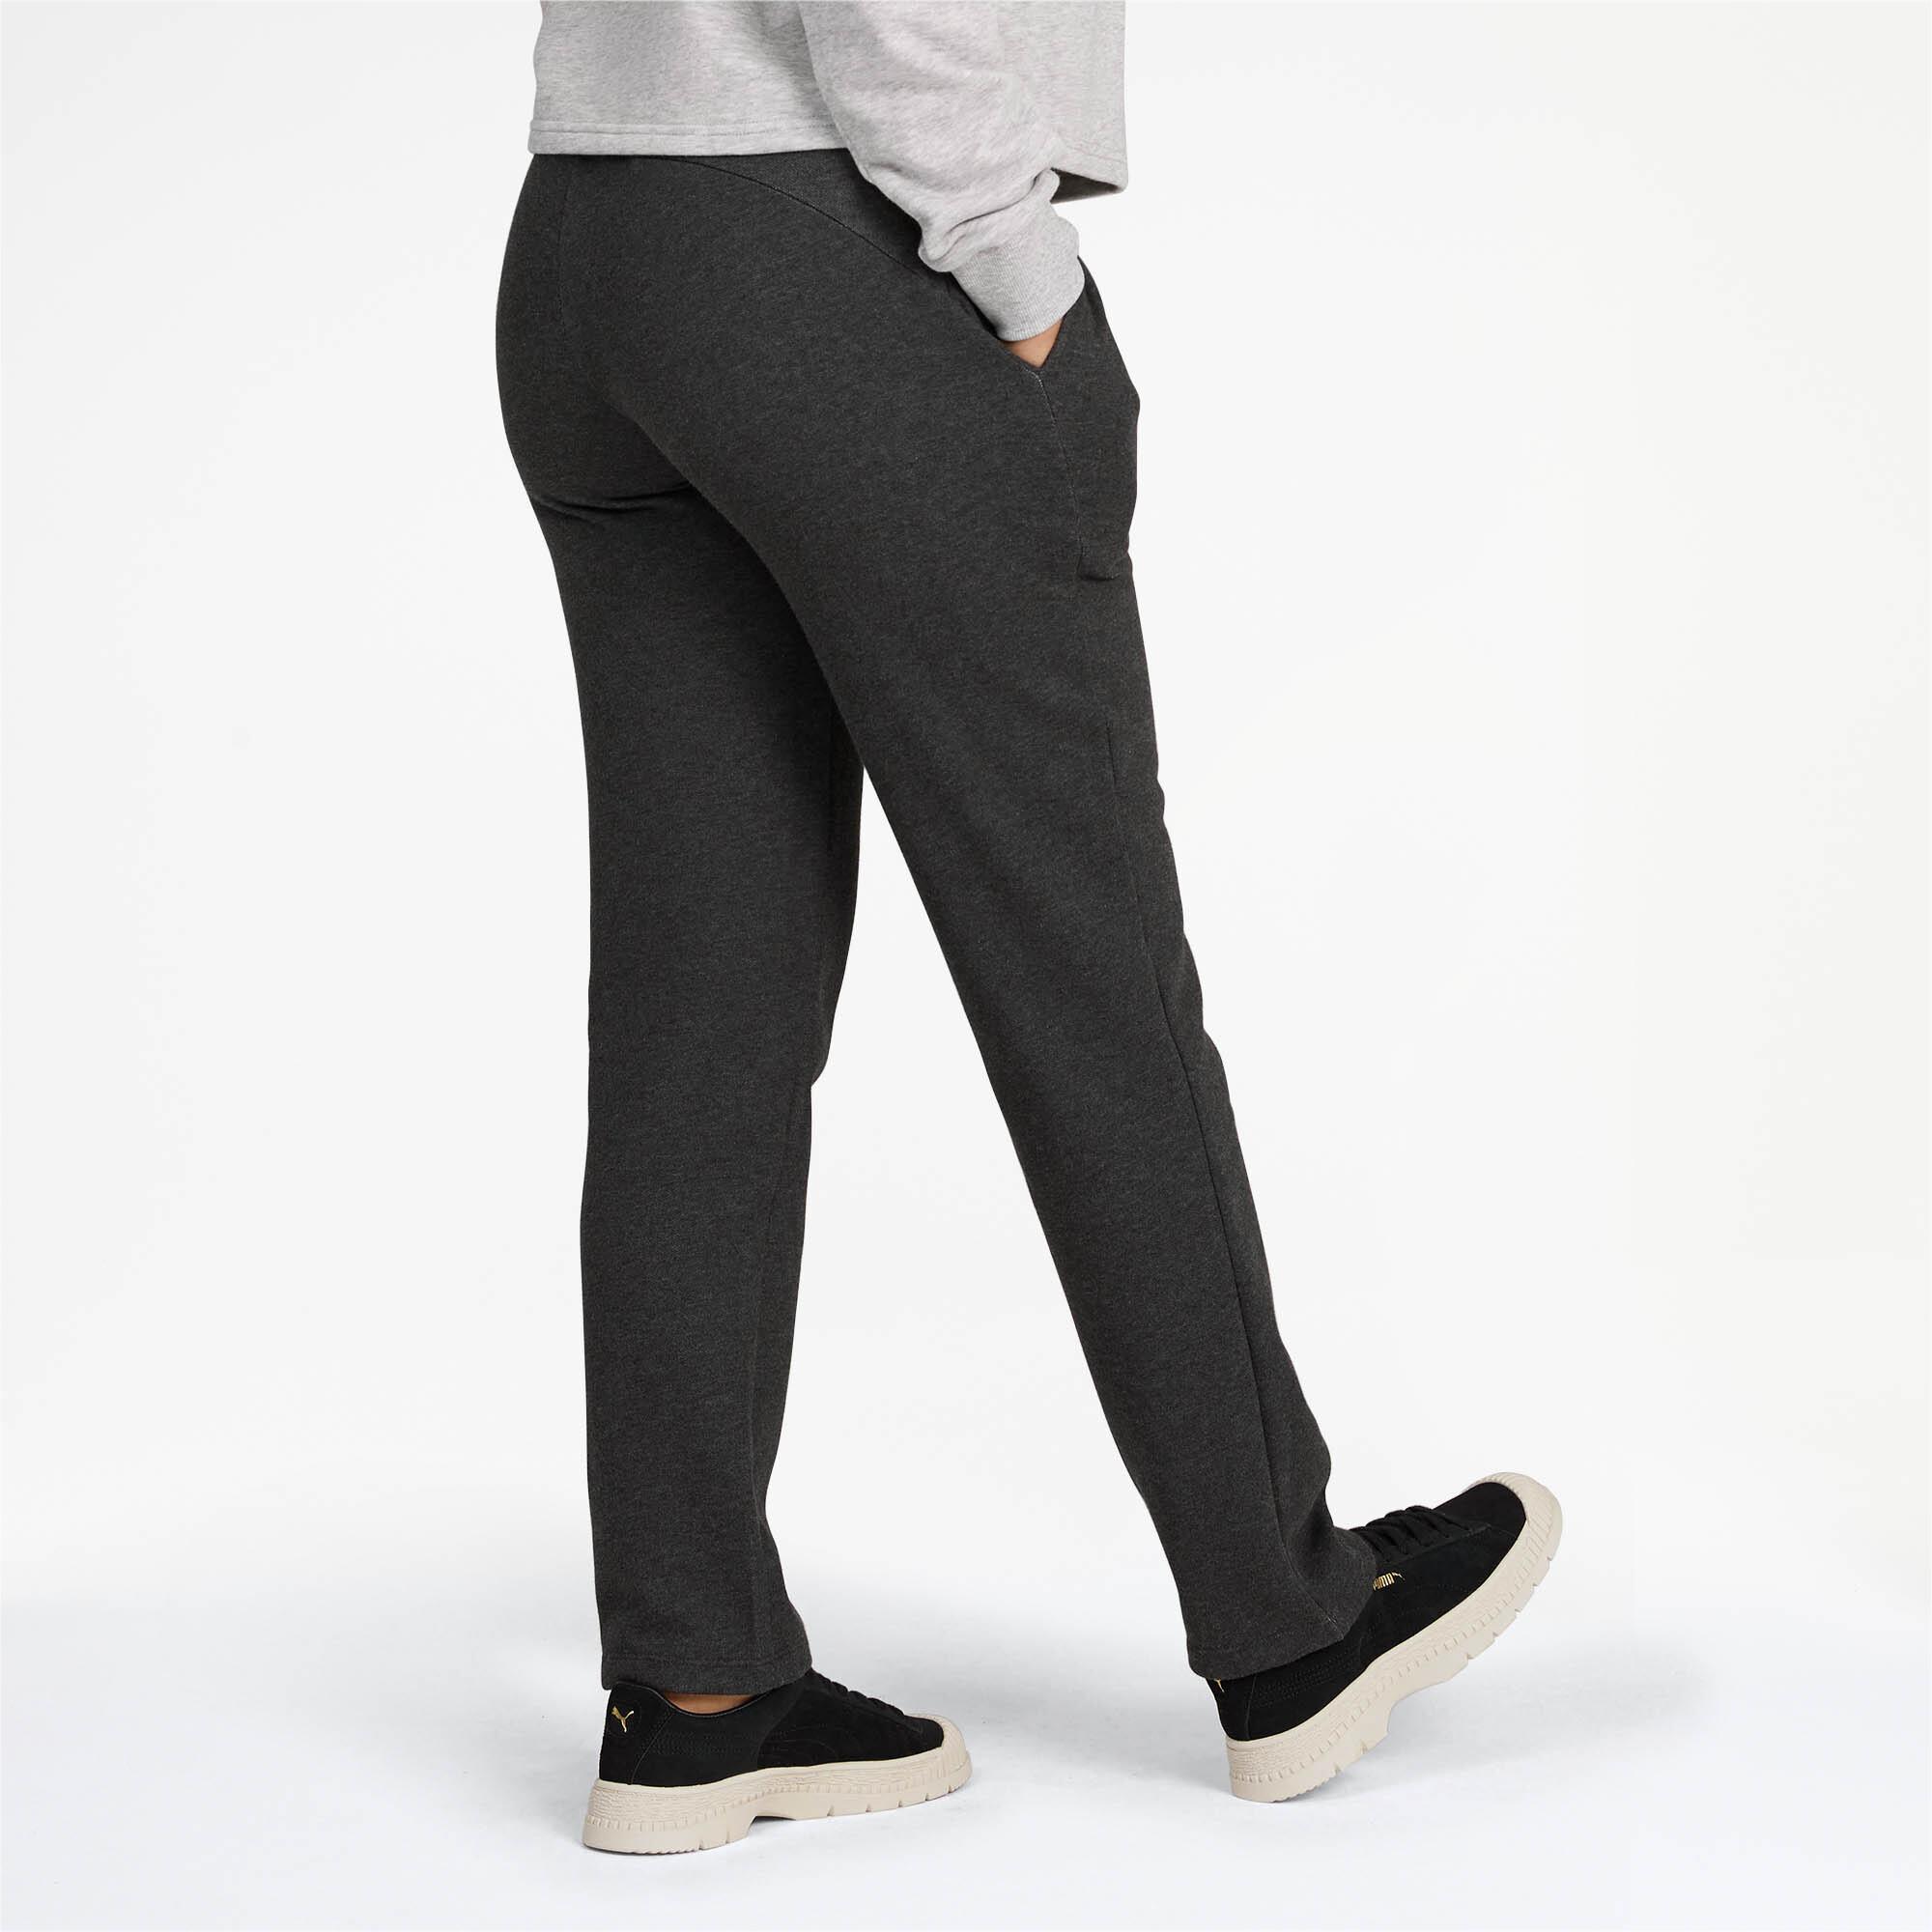 PUMA-Essentials-Fleece-Women-039-s-Knitted-Pants-Women-Knitted-Pants-Basics thumbnail 8